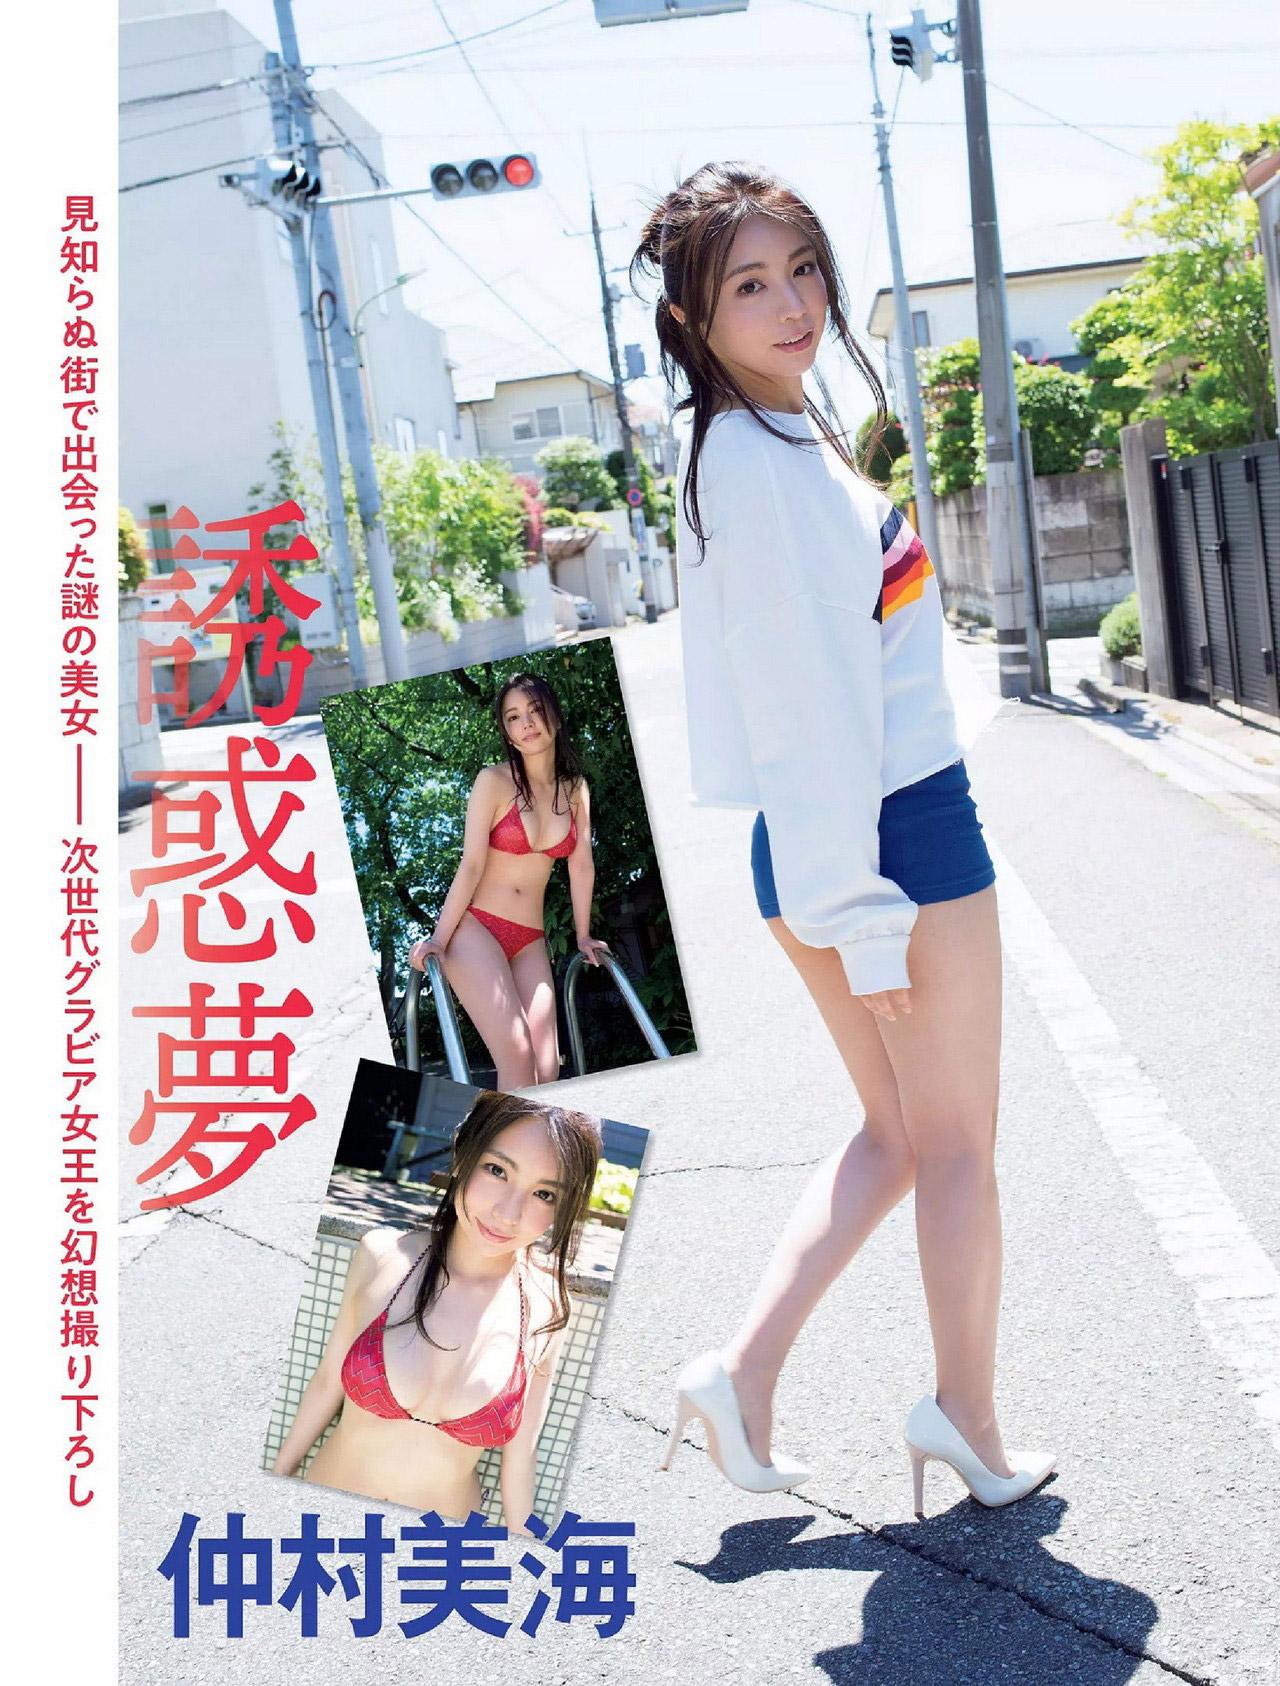 仲村美海(26) グラビア適正120%の神ボディー